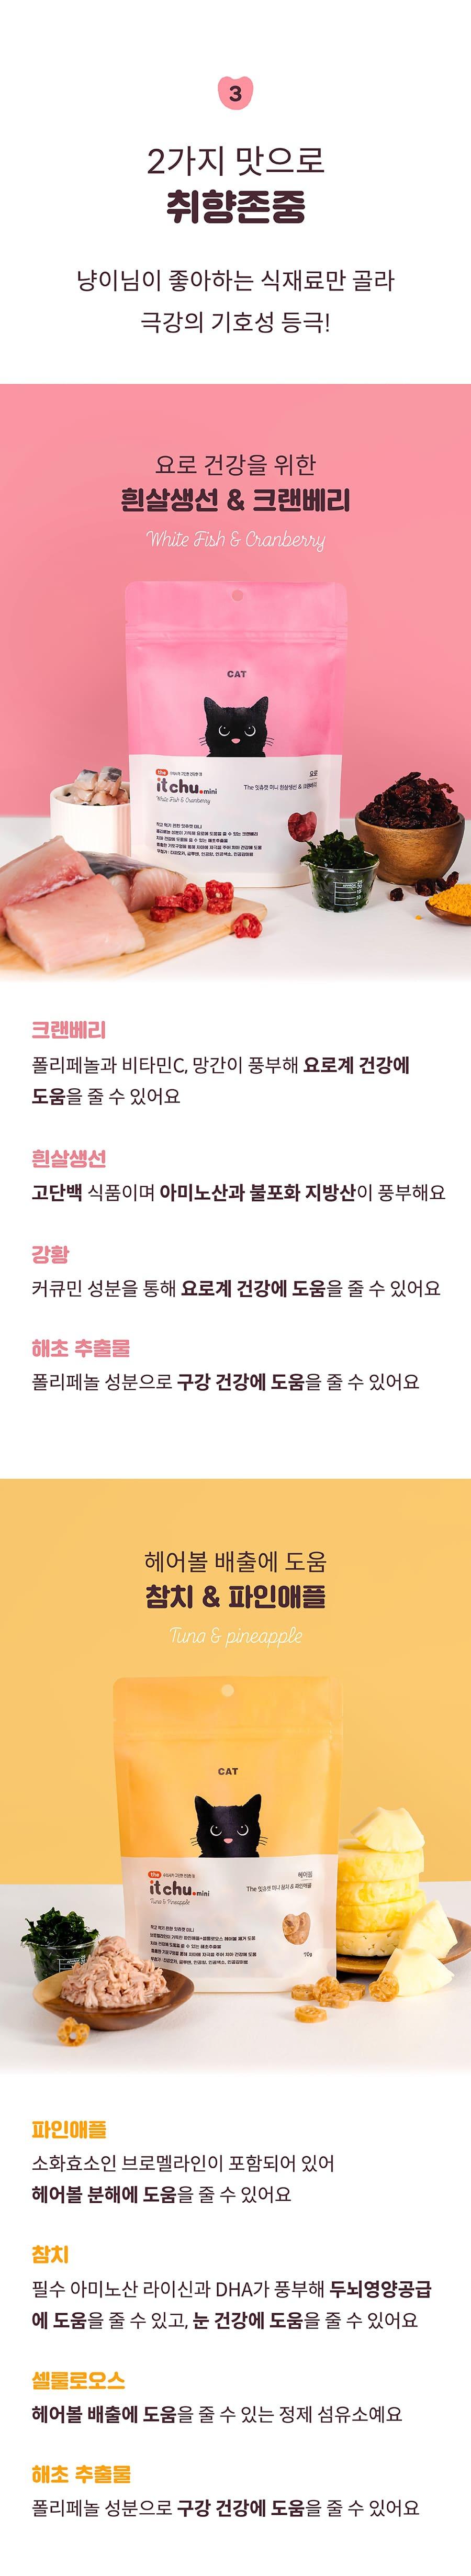 it 더 잇츄 캣 미니 (흰살생선&크랜베리/참치&파인애플)-상품이미지-15